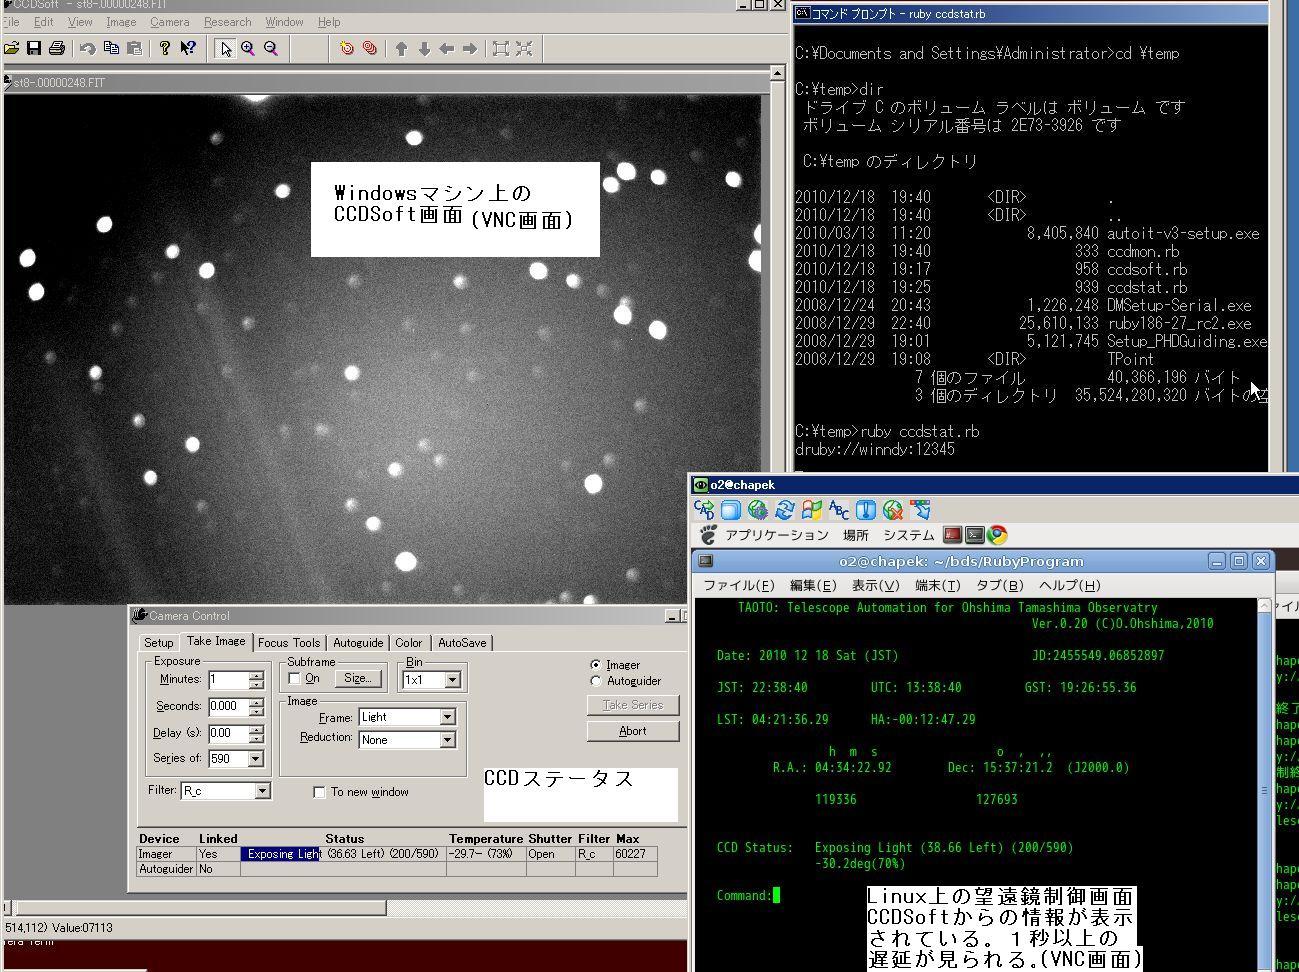 LinuxマシンからWindowsマシンにつながった冷却CCDの情報を得れいる画面